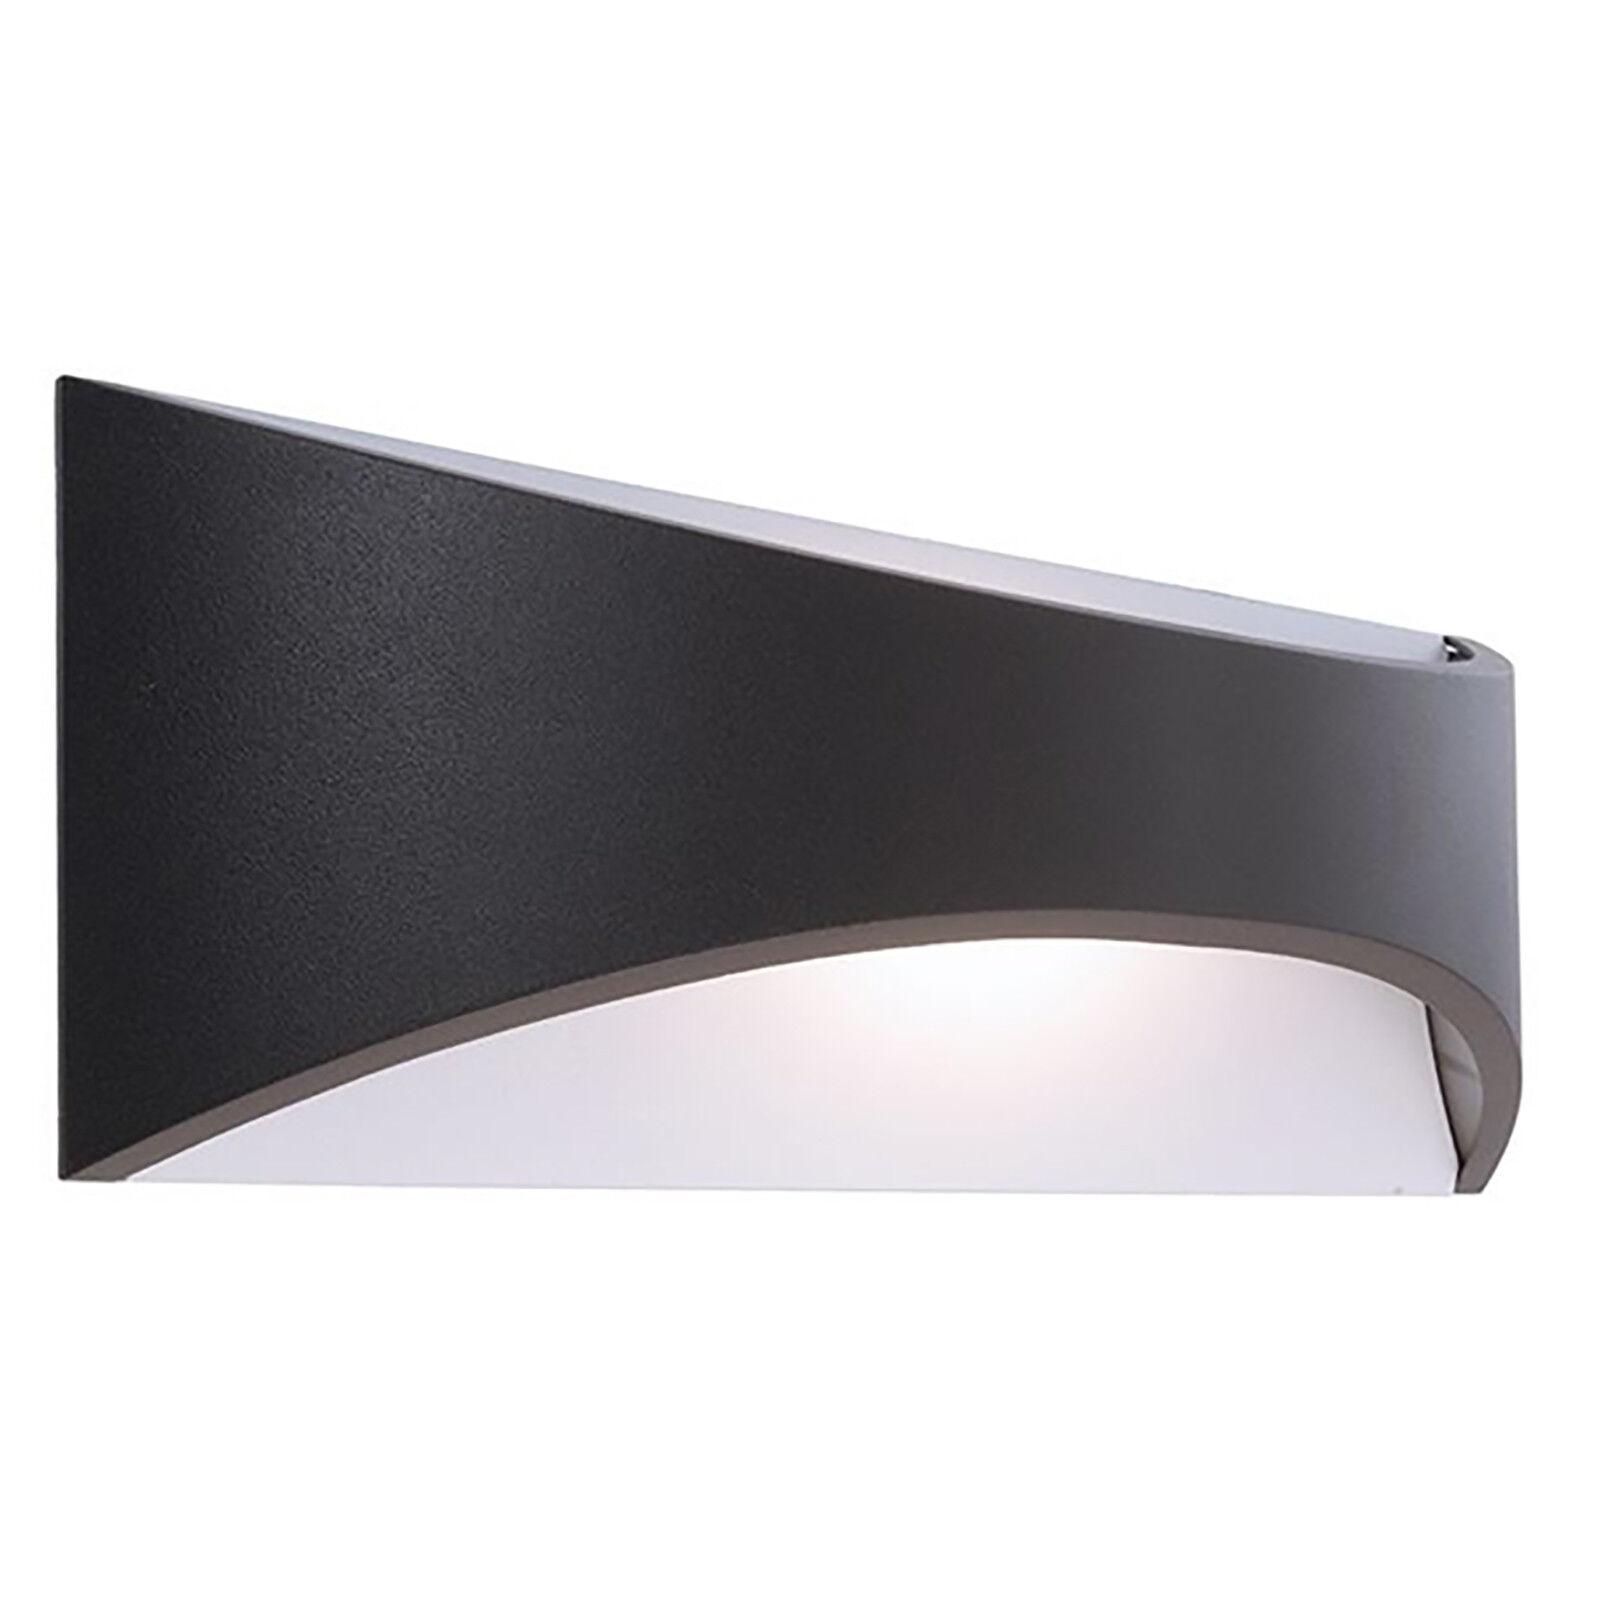 Applique alluminio pressofuso IP65 lampada parete doppia emissione luce led 10w